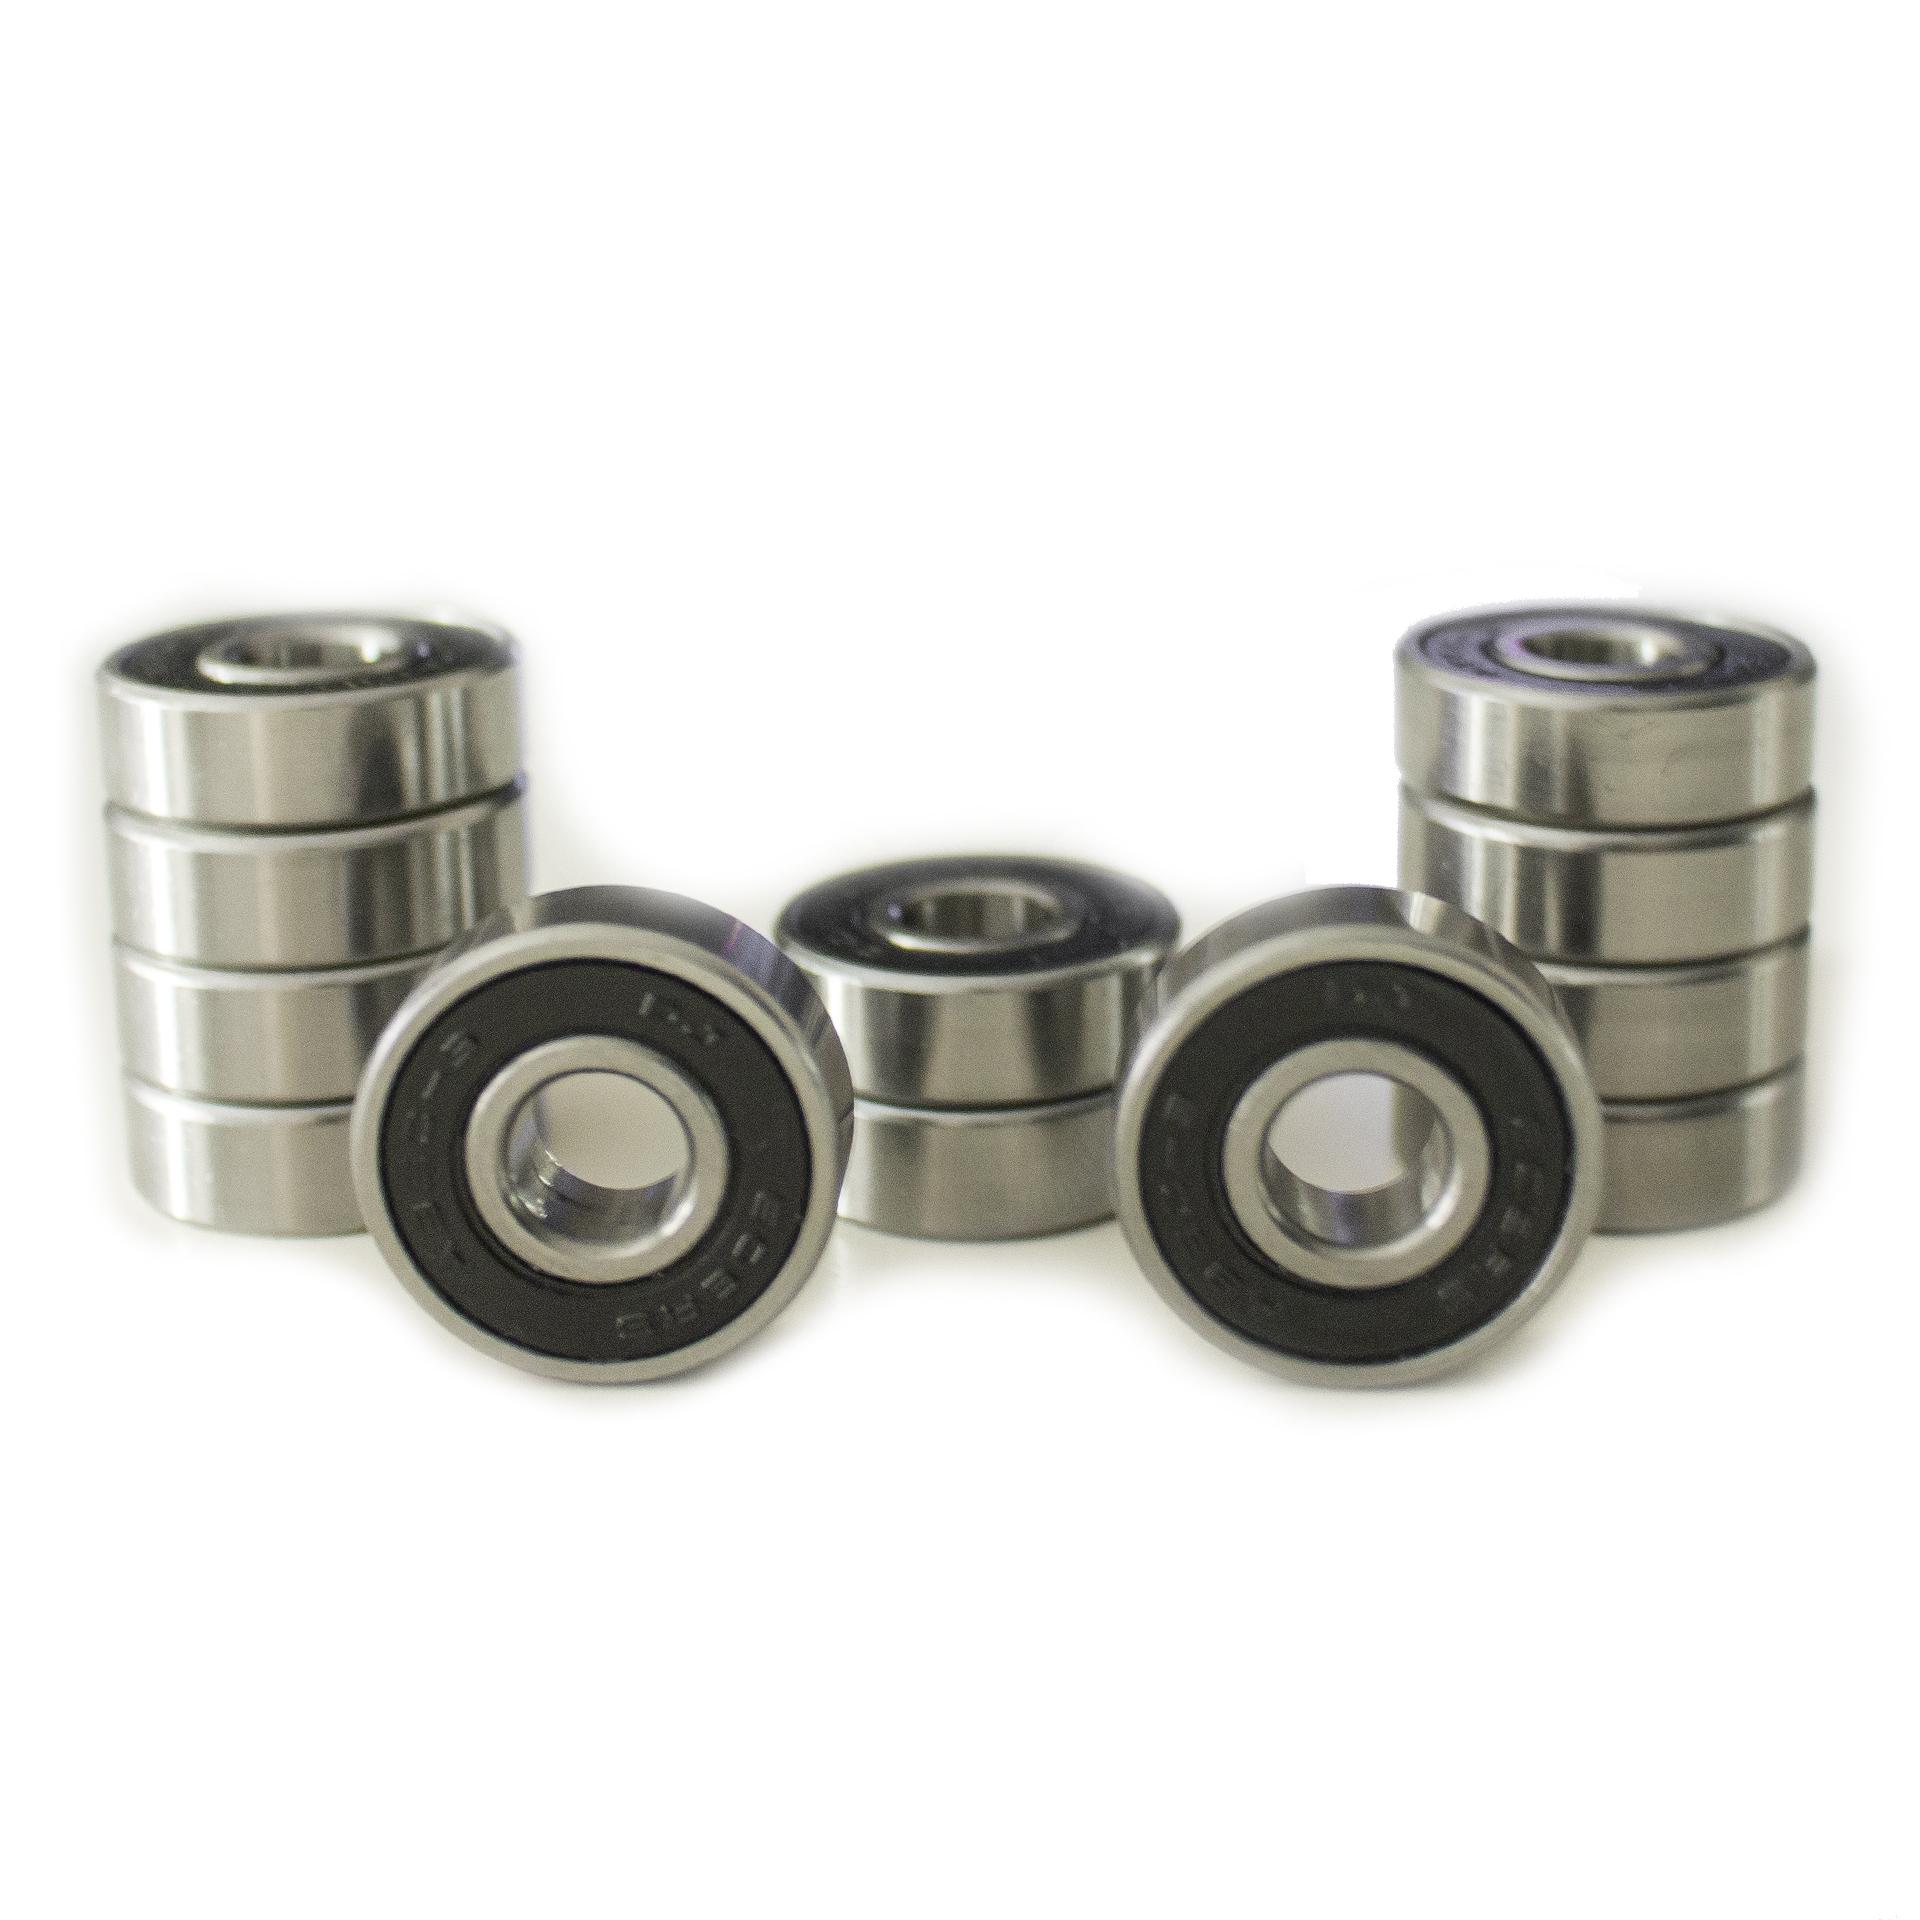 Premium ABEC 7 Kugellager 608zz 4 Stück 1 Set